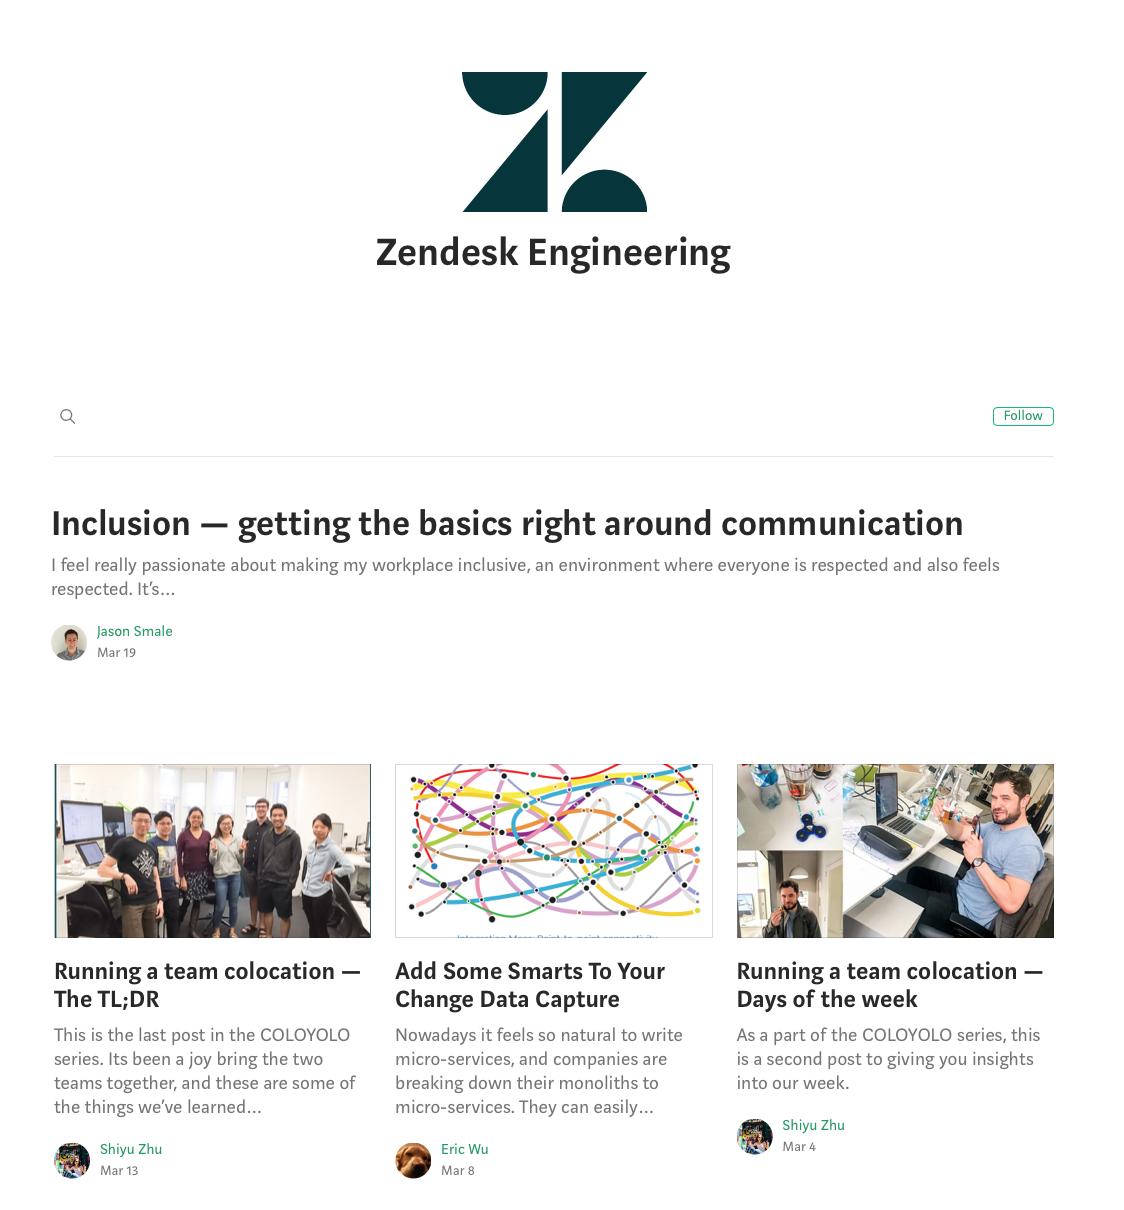 Zendesk Engineering